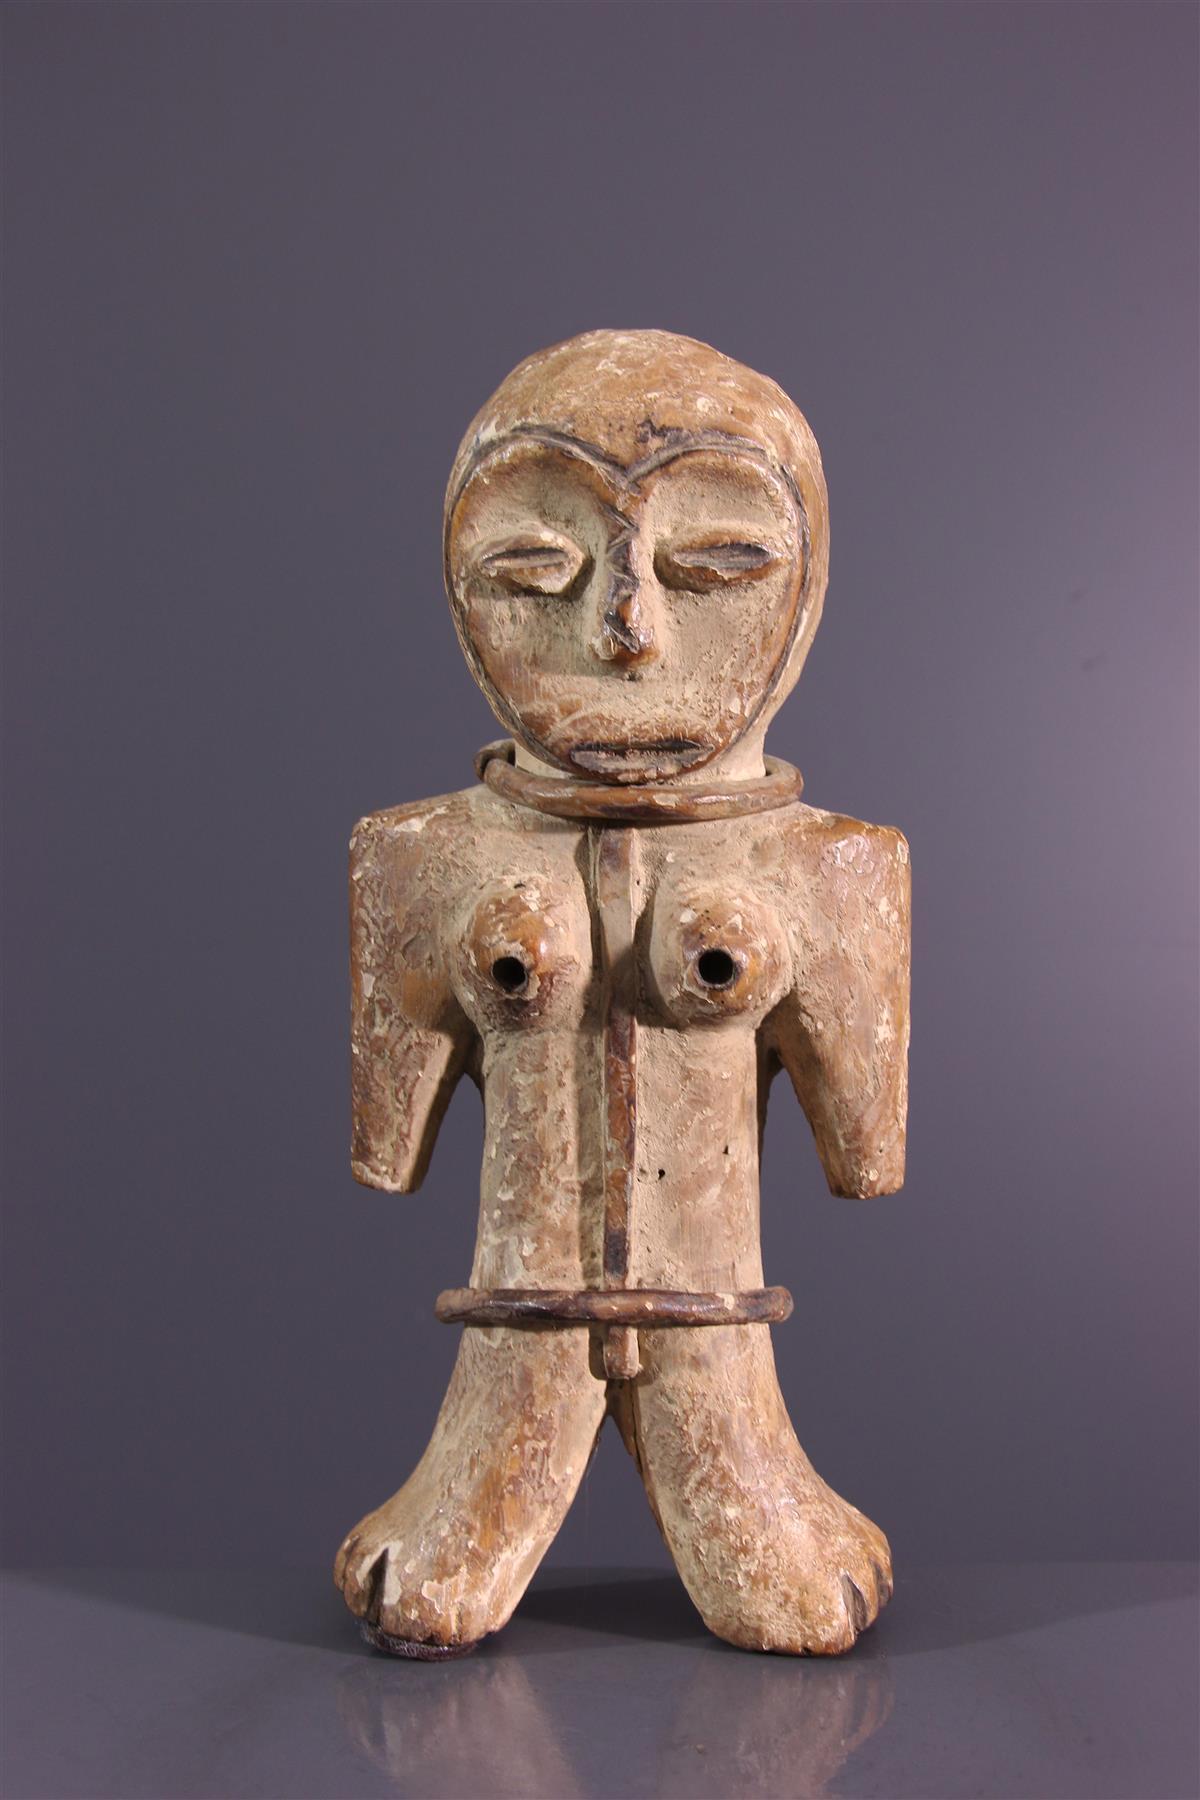 League Statues - African art